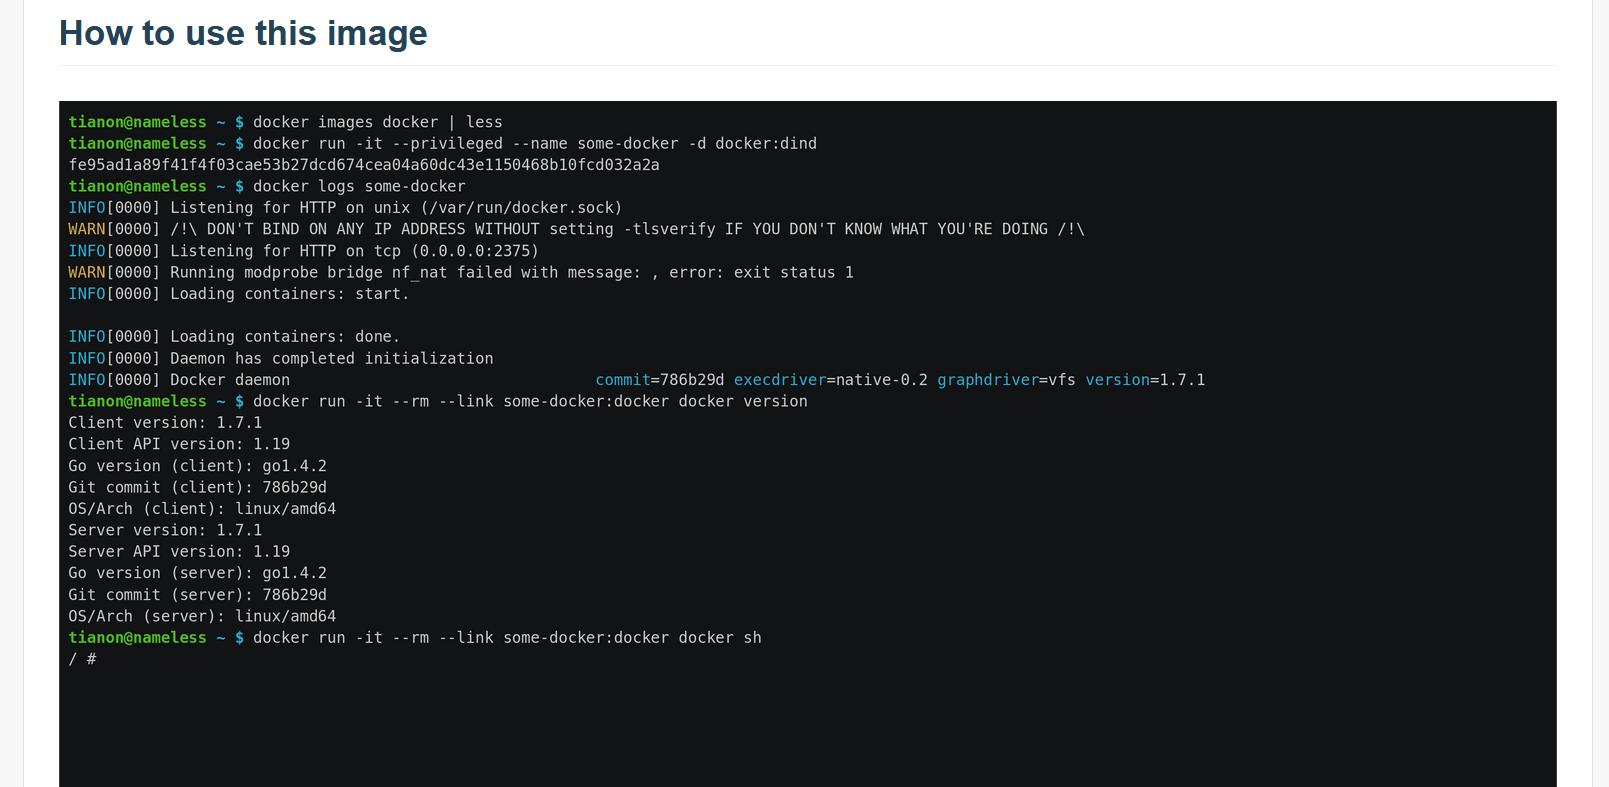 Esecuzione di dind e lancio di un container con Docker già avviato